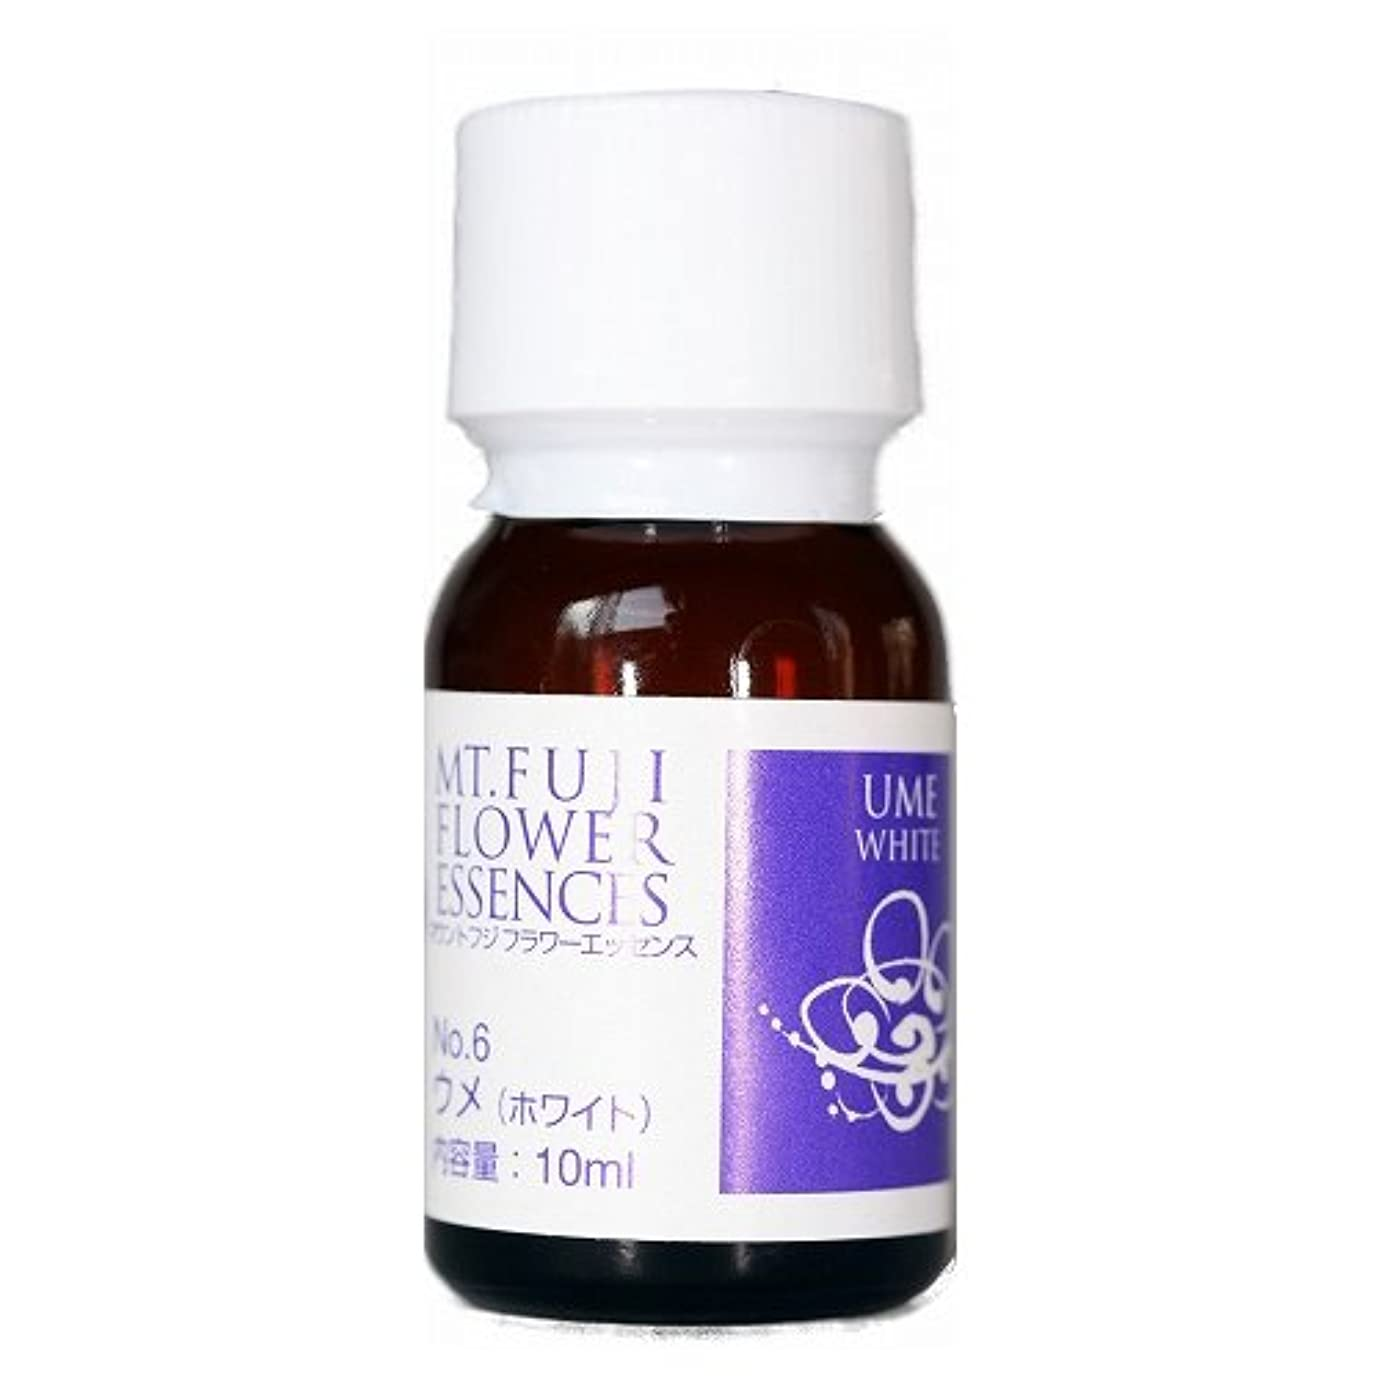 化学薬品猫背大破マウントフジ フラワーエッセンス ウメ(ホワイト) 10ml